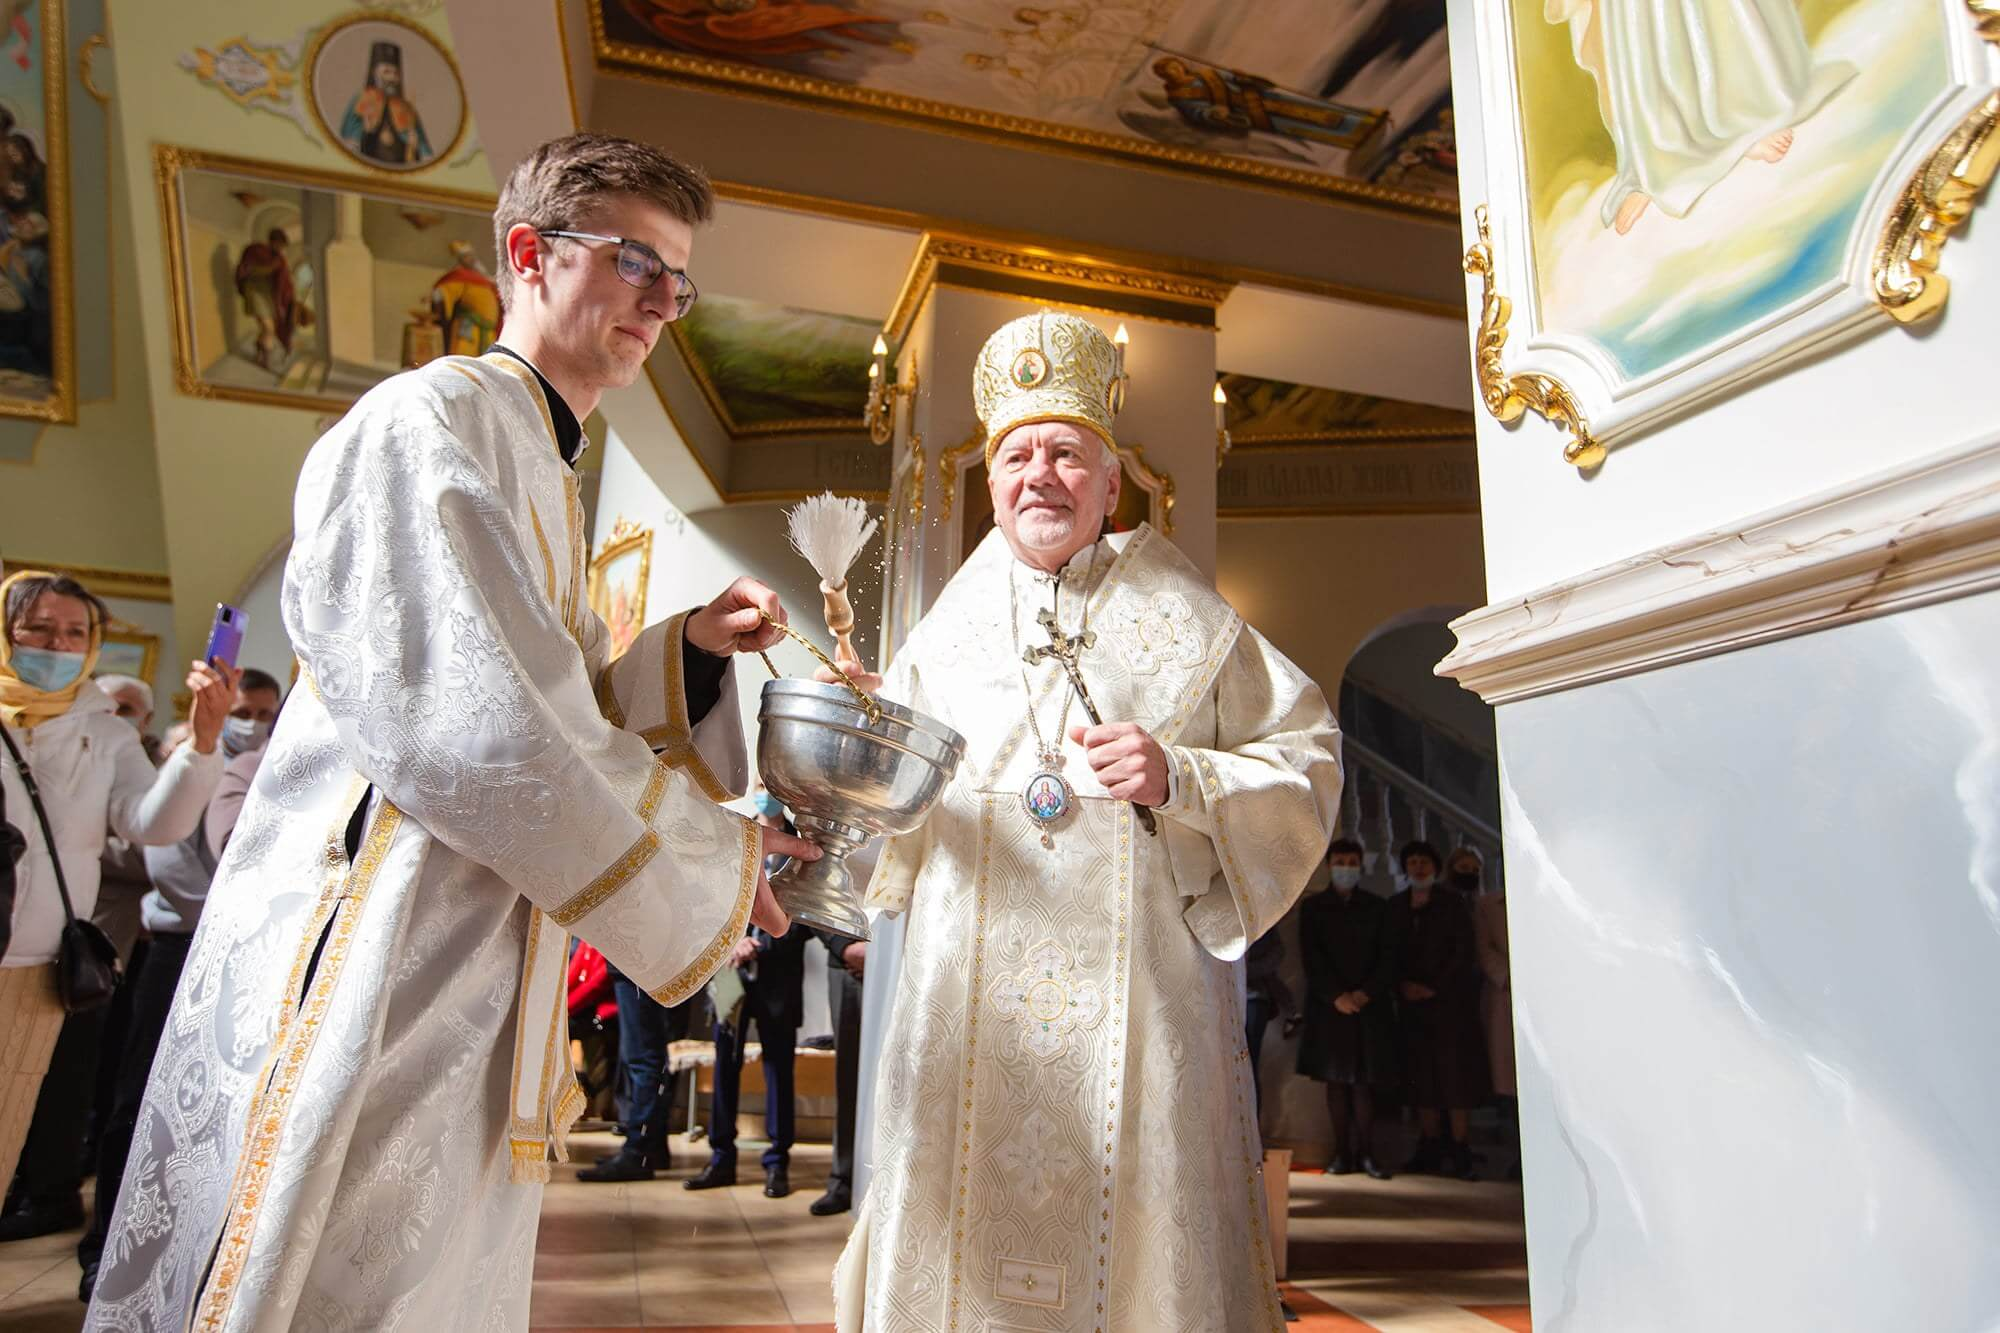 Митрополит Війтишин освятив нову хресну дорогу у франківському храмі (ФОТО)